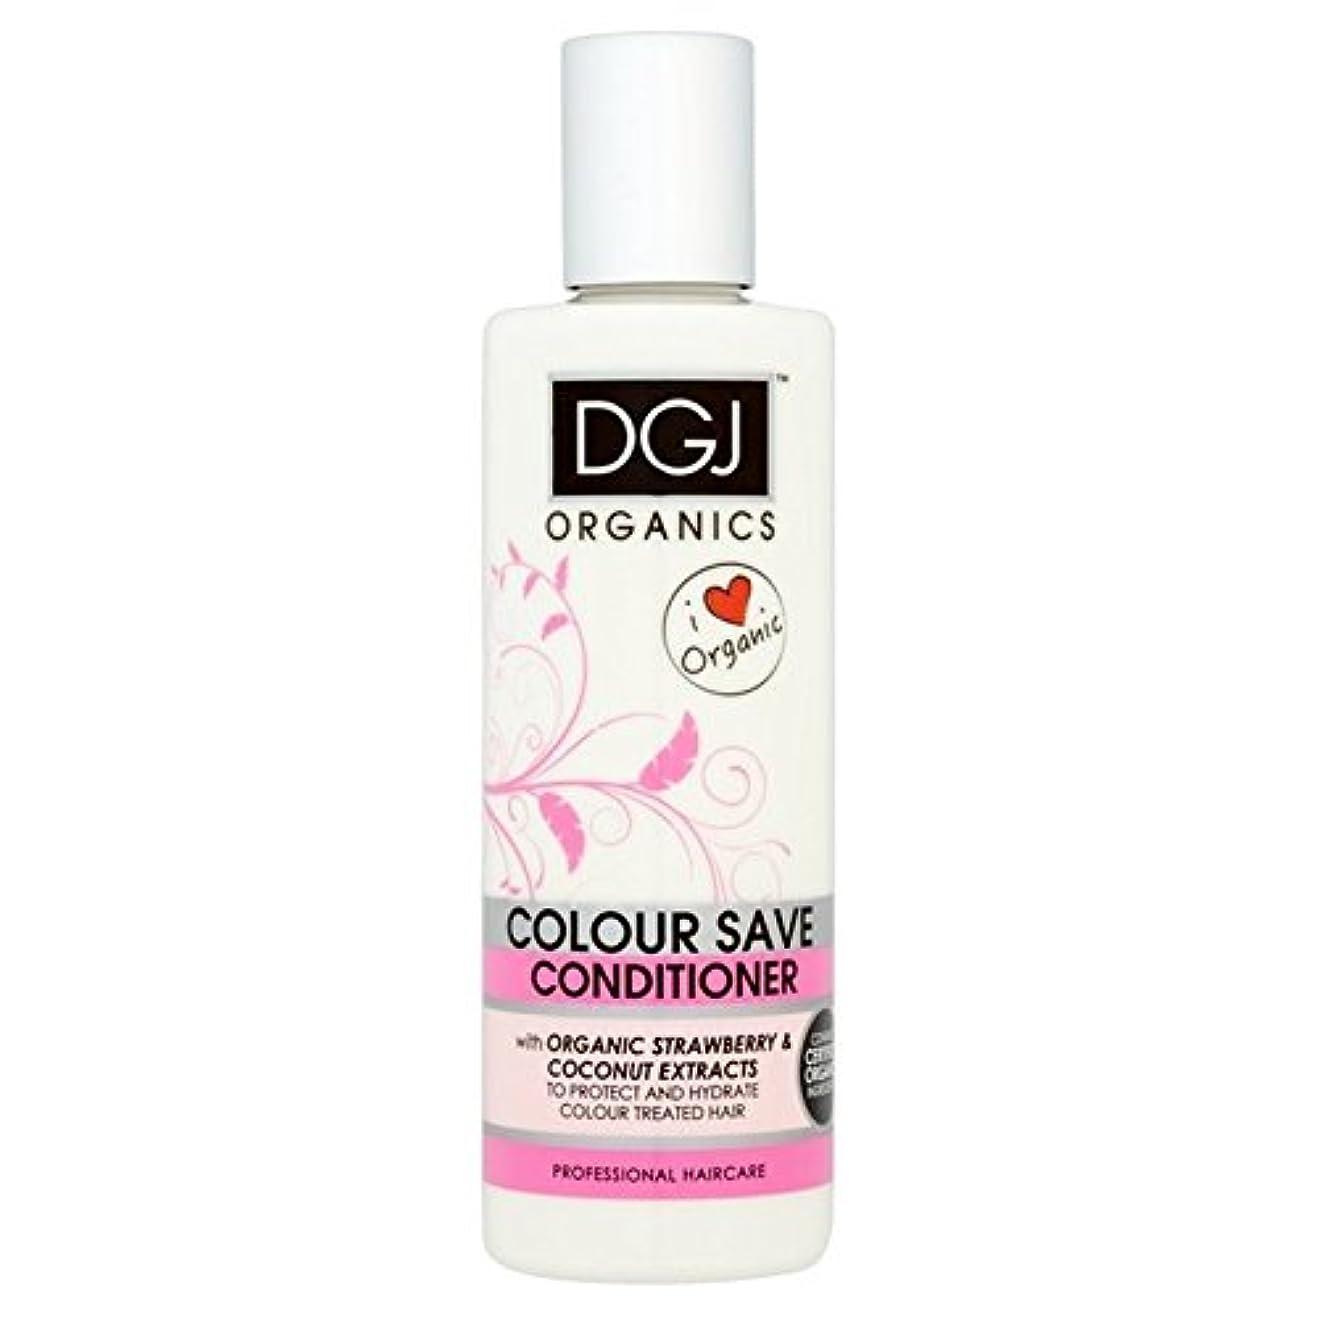 アクセス第二にハリケーン有機物の色コンディショナー250を保存 x4 - DGJ Organics Colour Save Conditioner 250ml (Pack of 4) [並行輸入品]